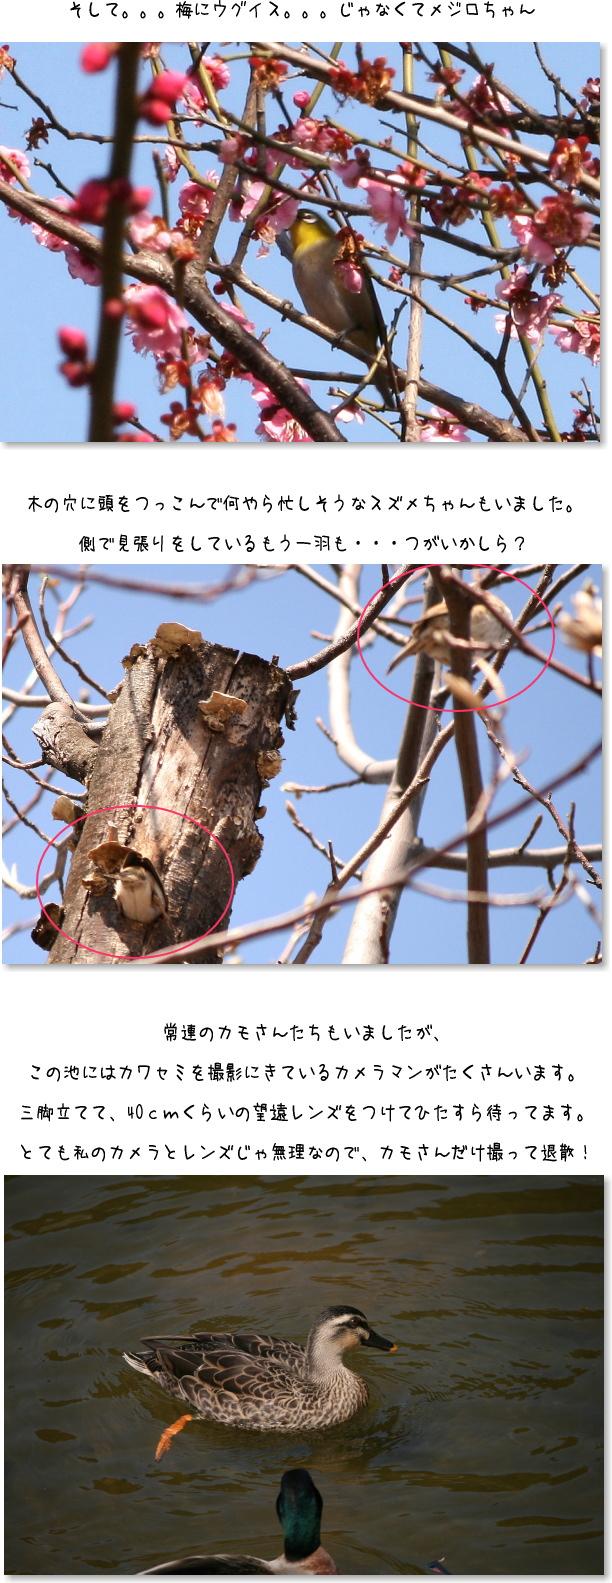 b0183917_12044637.jpg